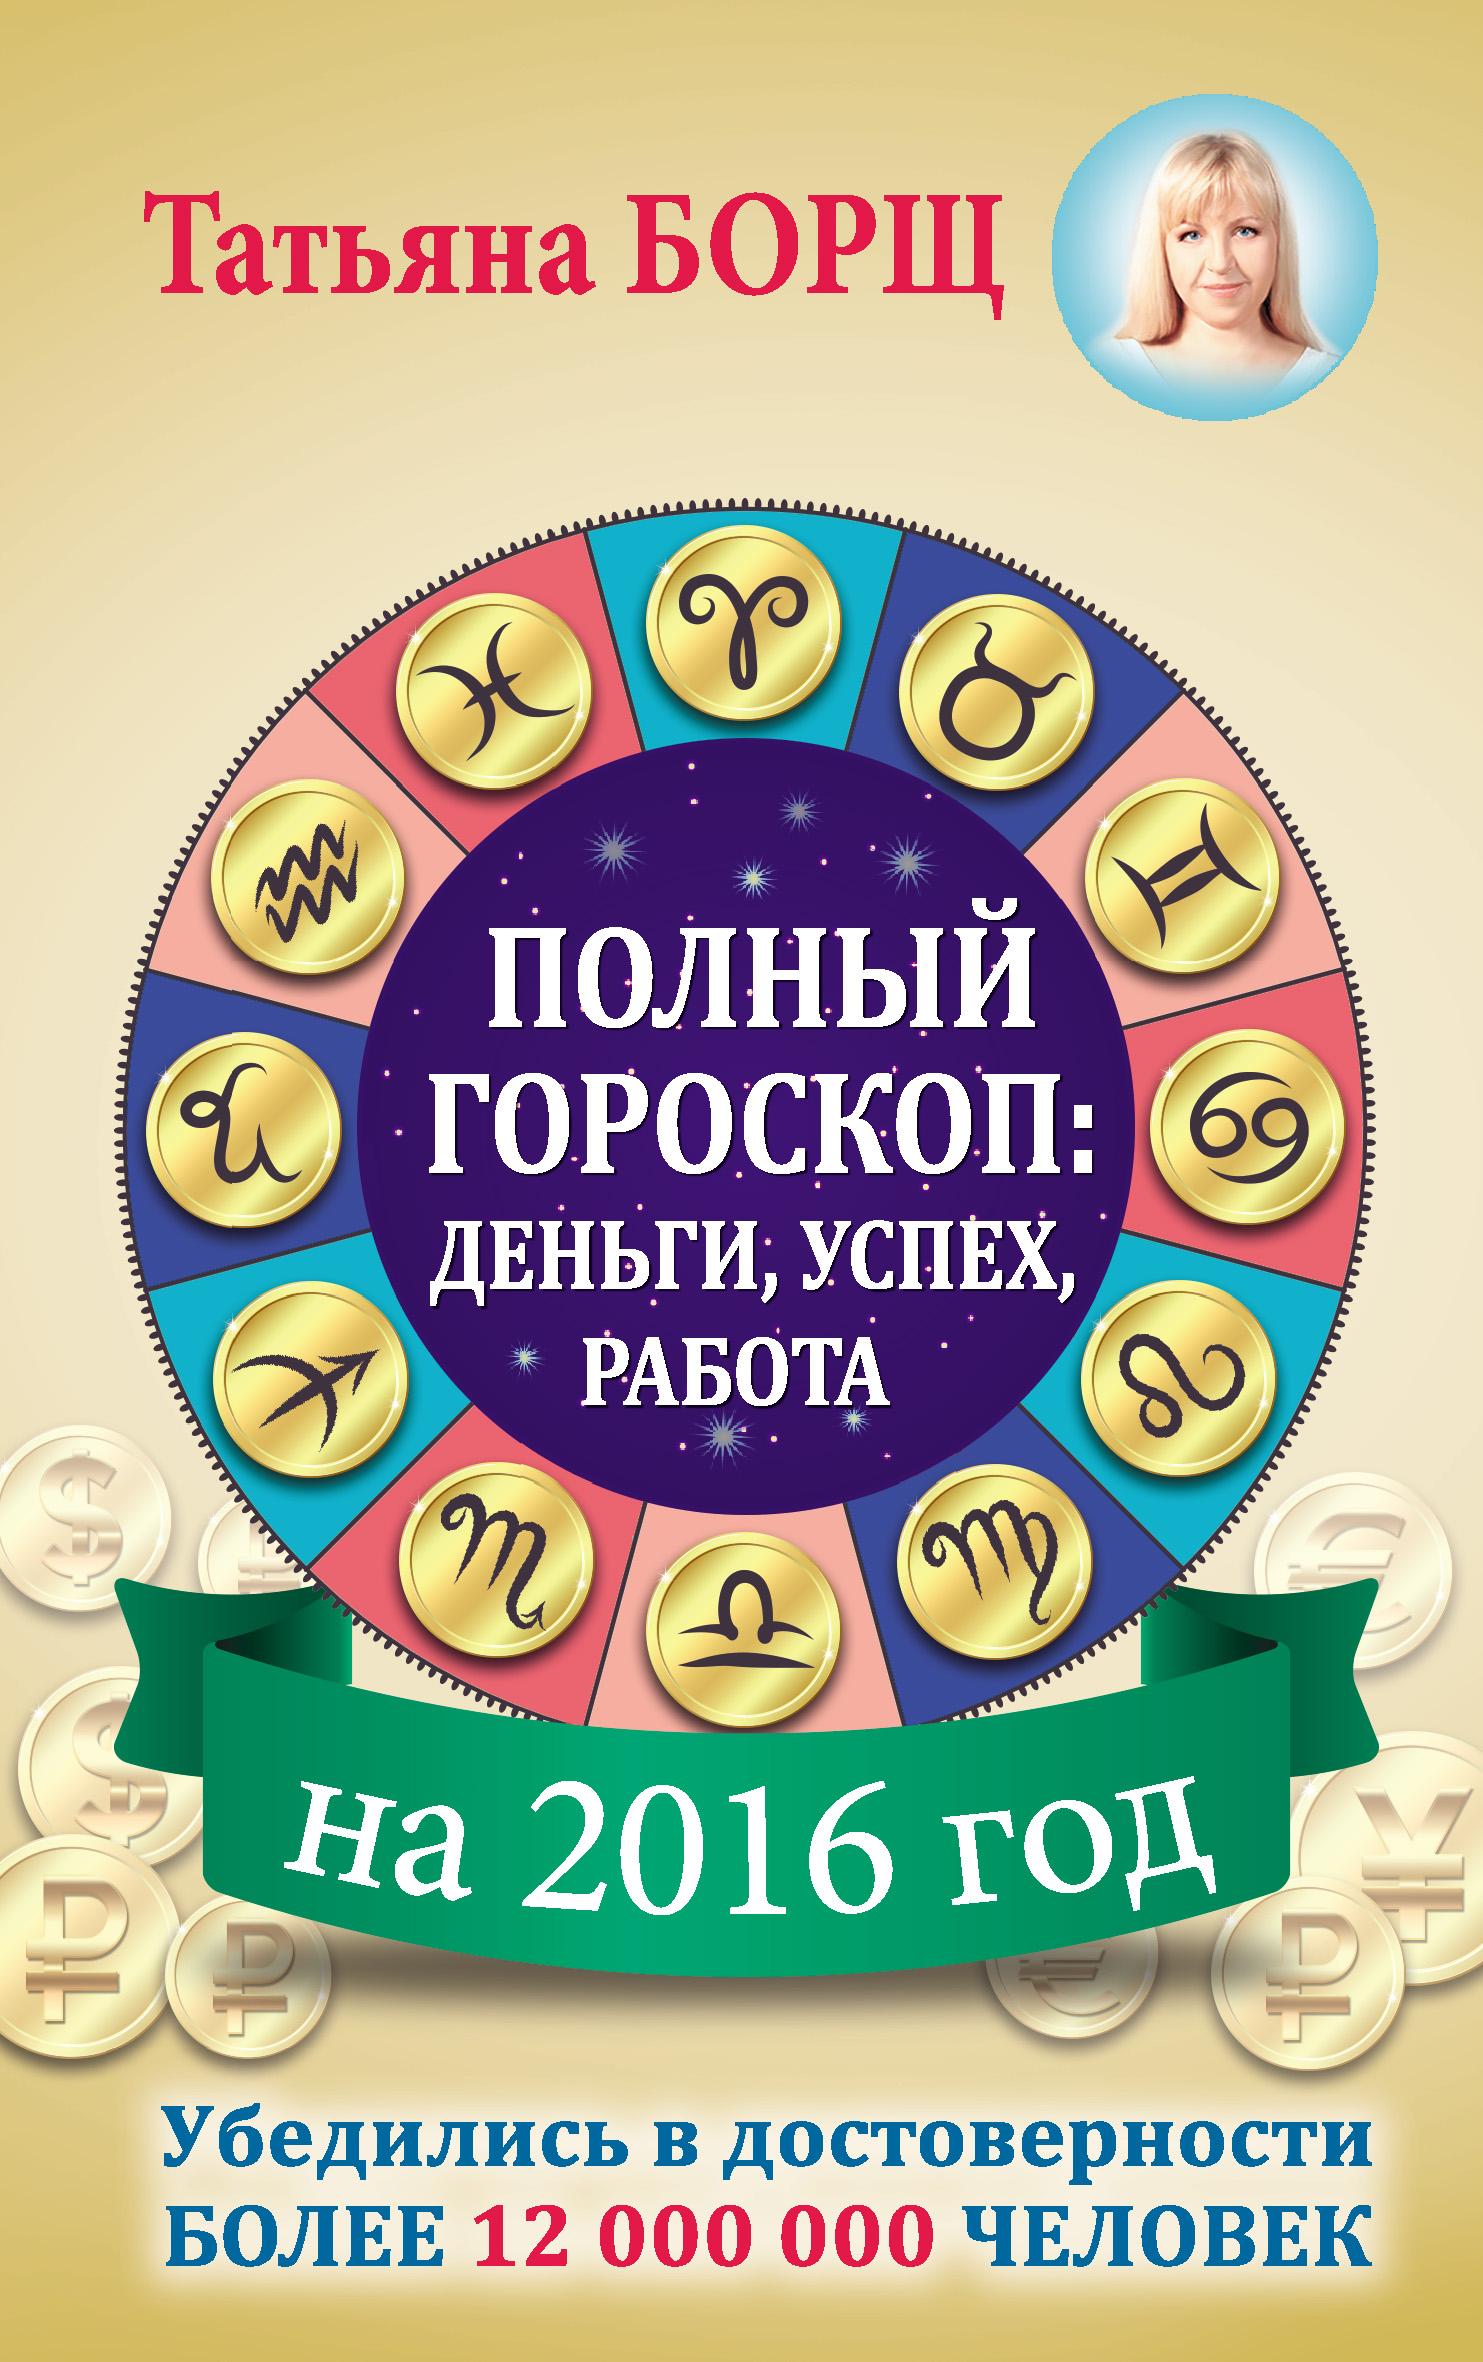 Татьяна Борщ Полный гороскоп на 2016 год: деньги, успех, работа маргарет барбаш 74 простых предмета привлекающих деньги и удачу